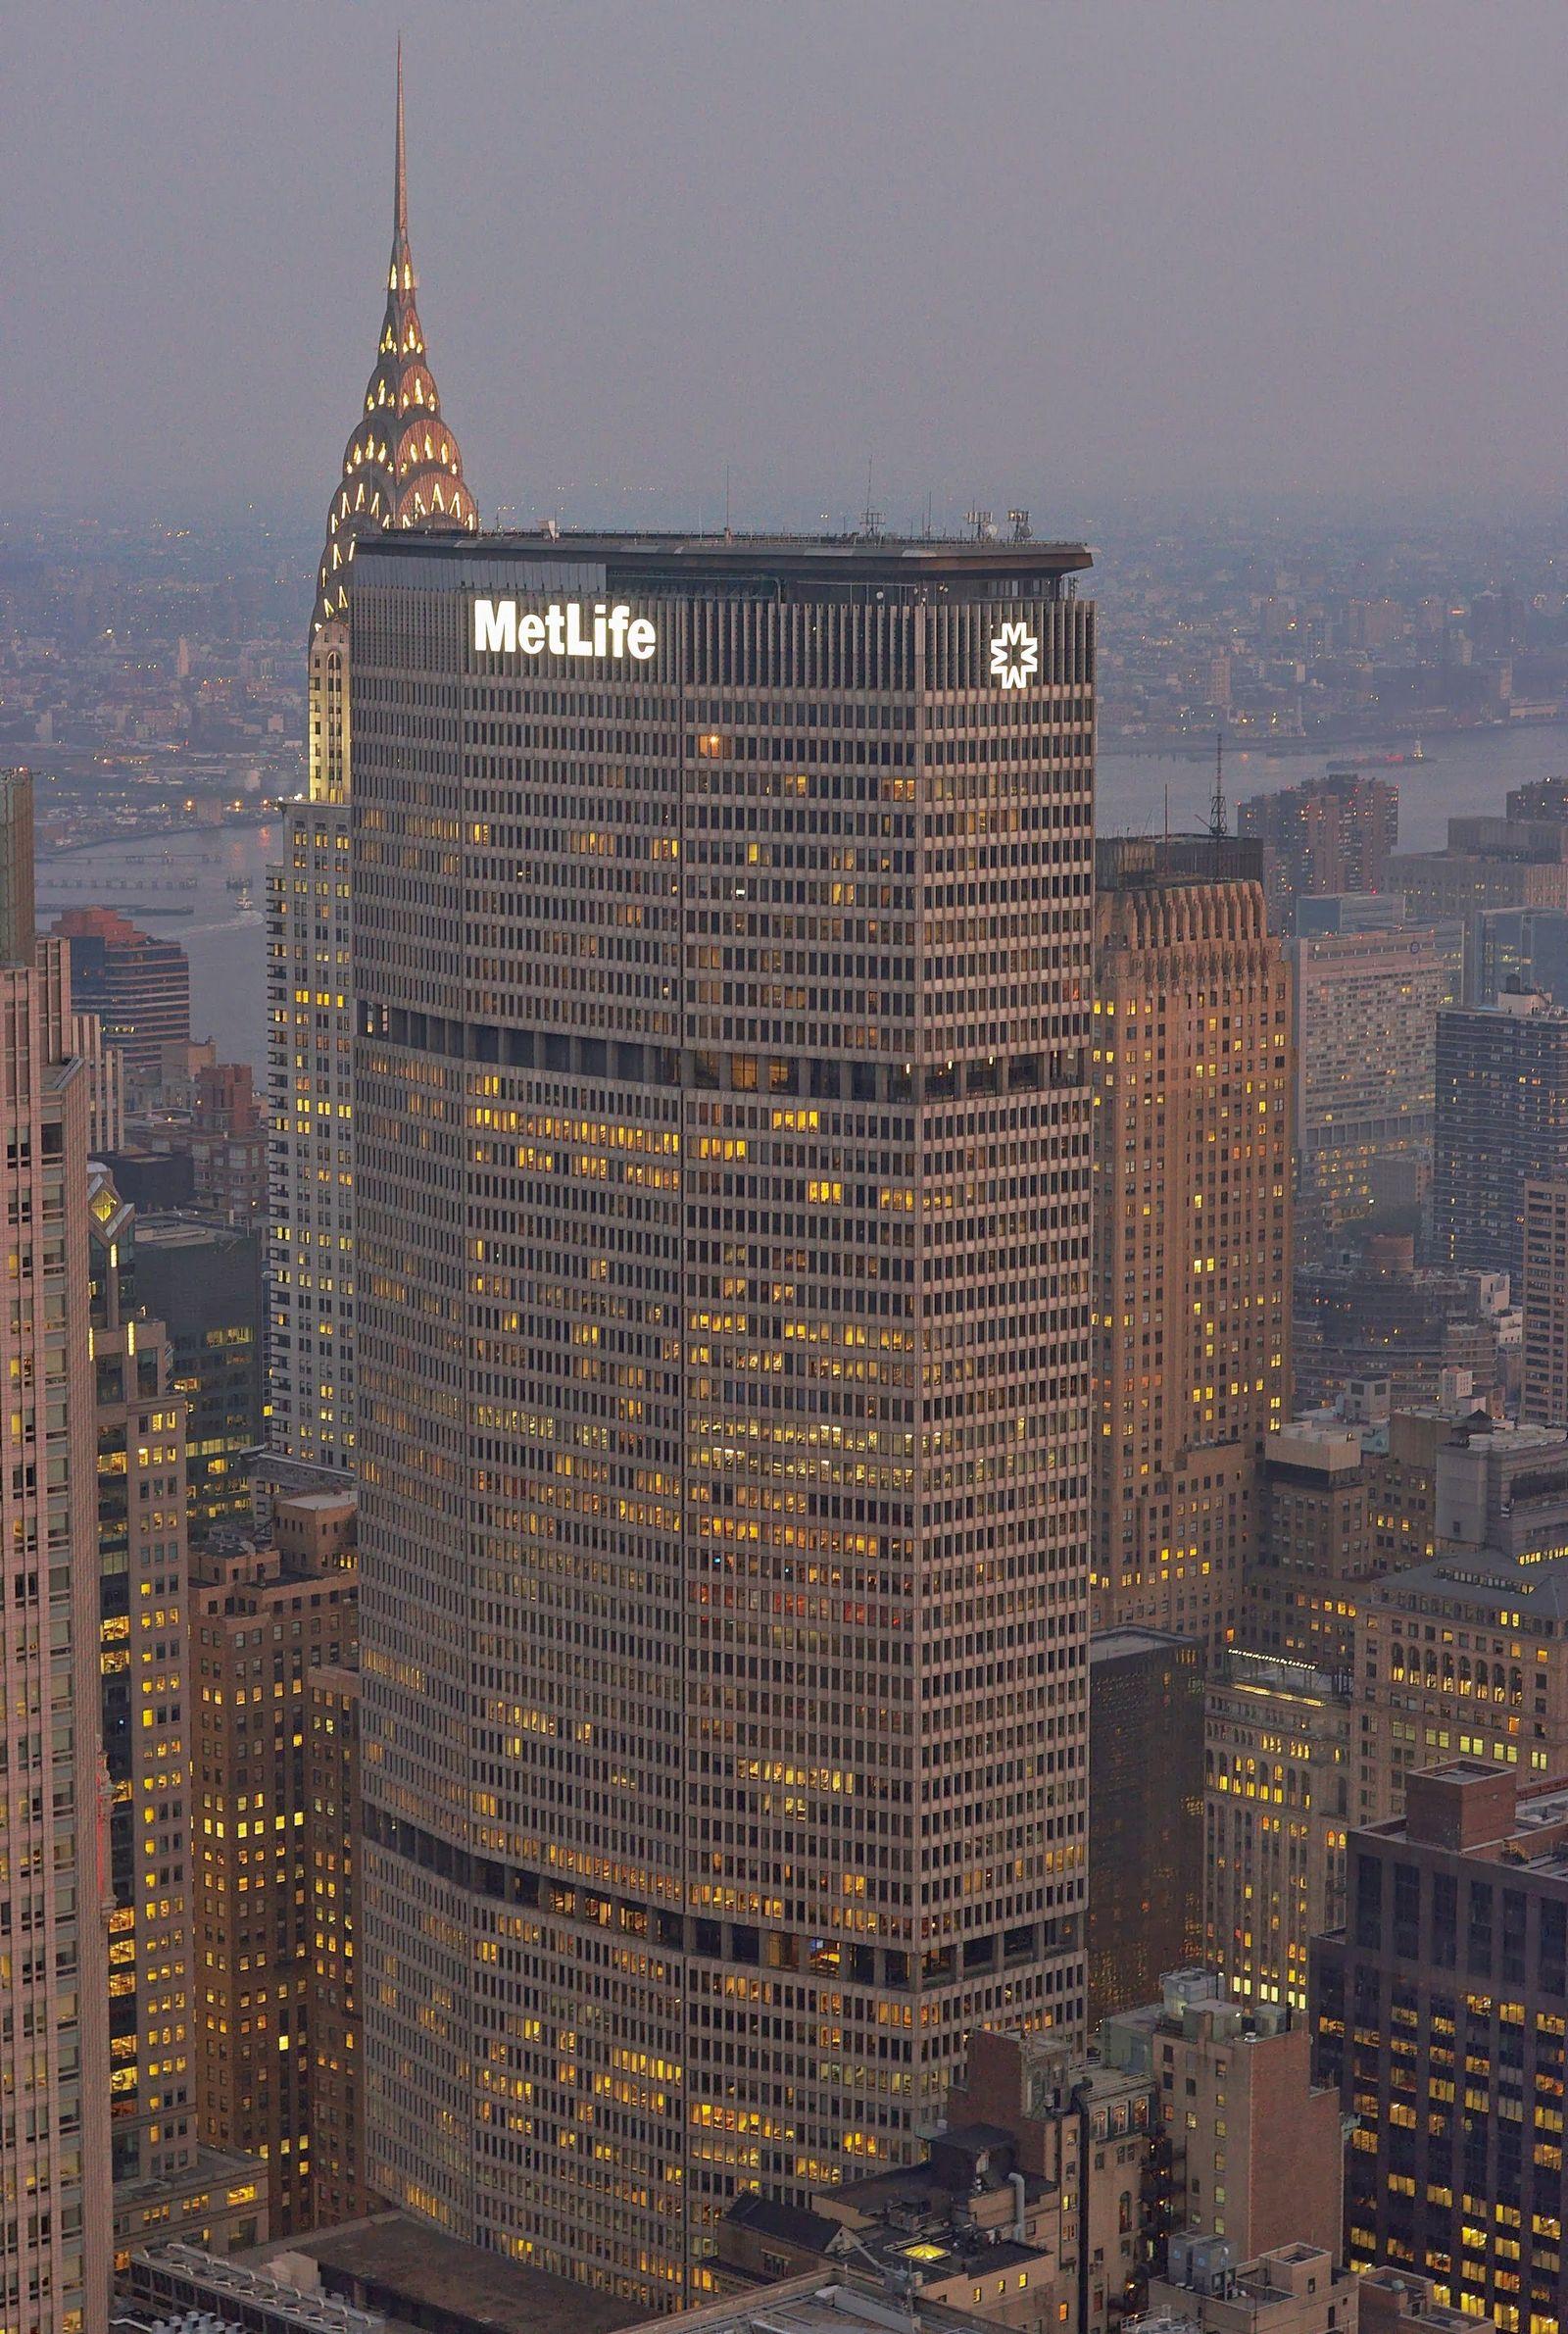 Metlife & Chrysler Buildings